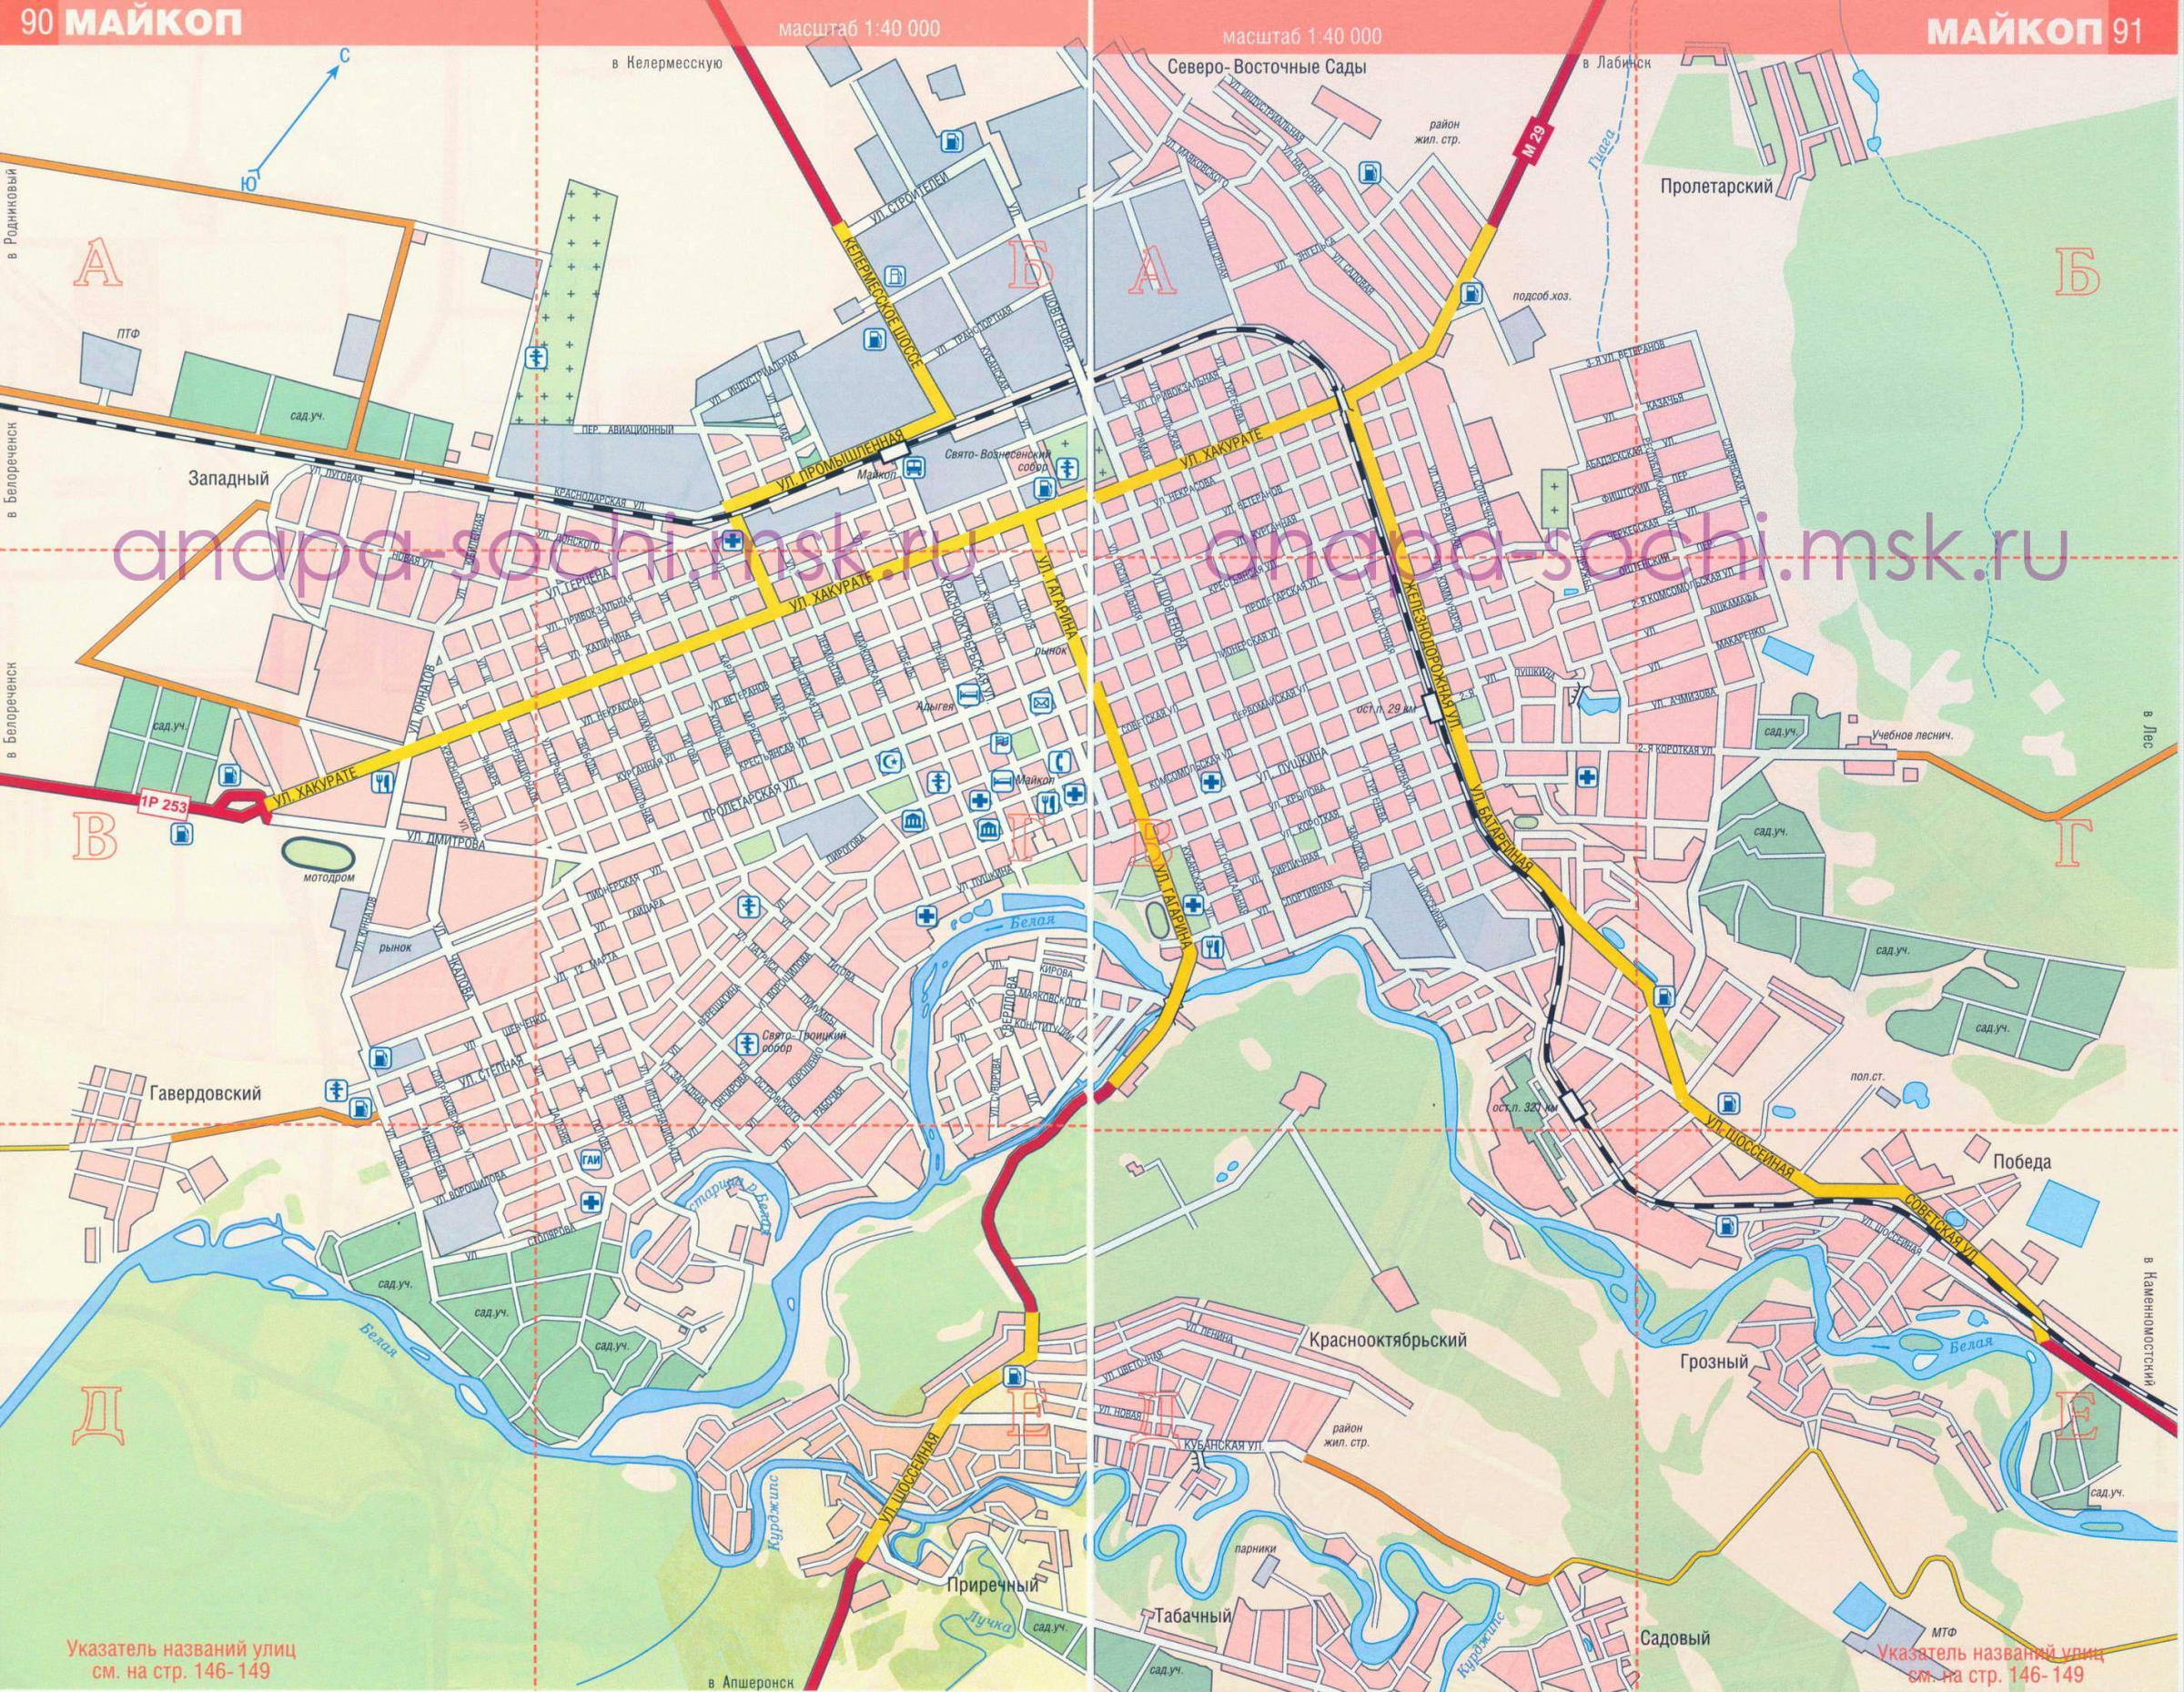 Карта Майкопа. Карта улиц Майкопа подробная. Карта улиц ...: http://rf-town.ru/map1050092_0_0.htm